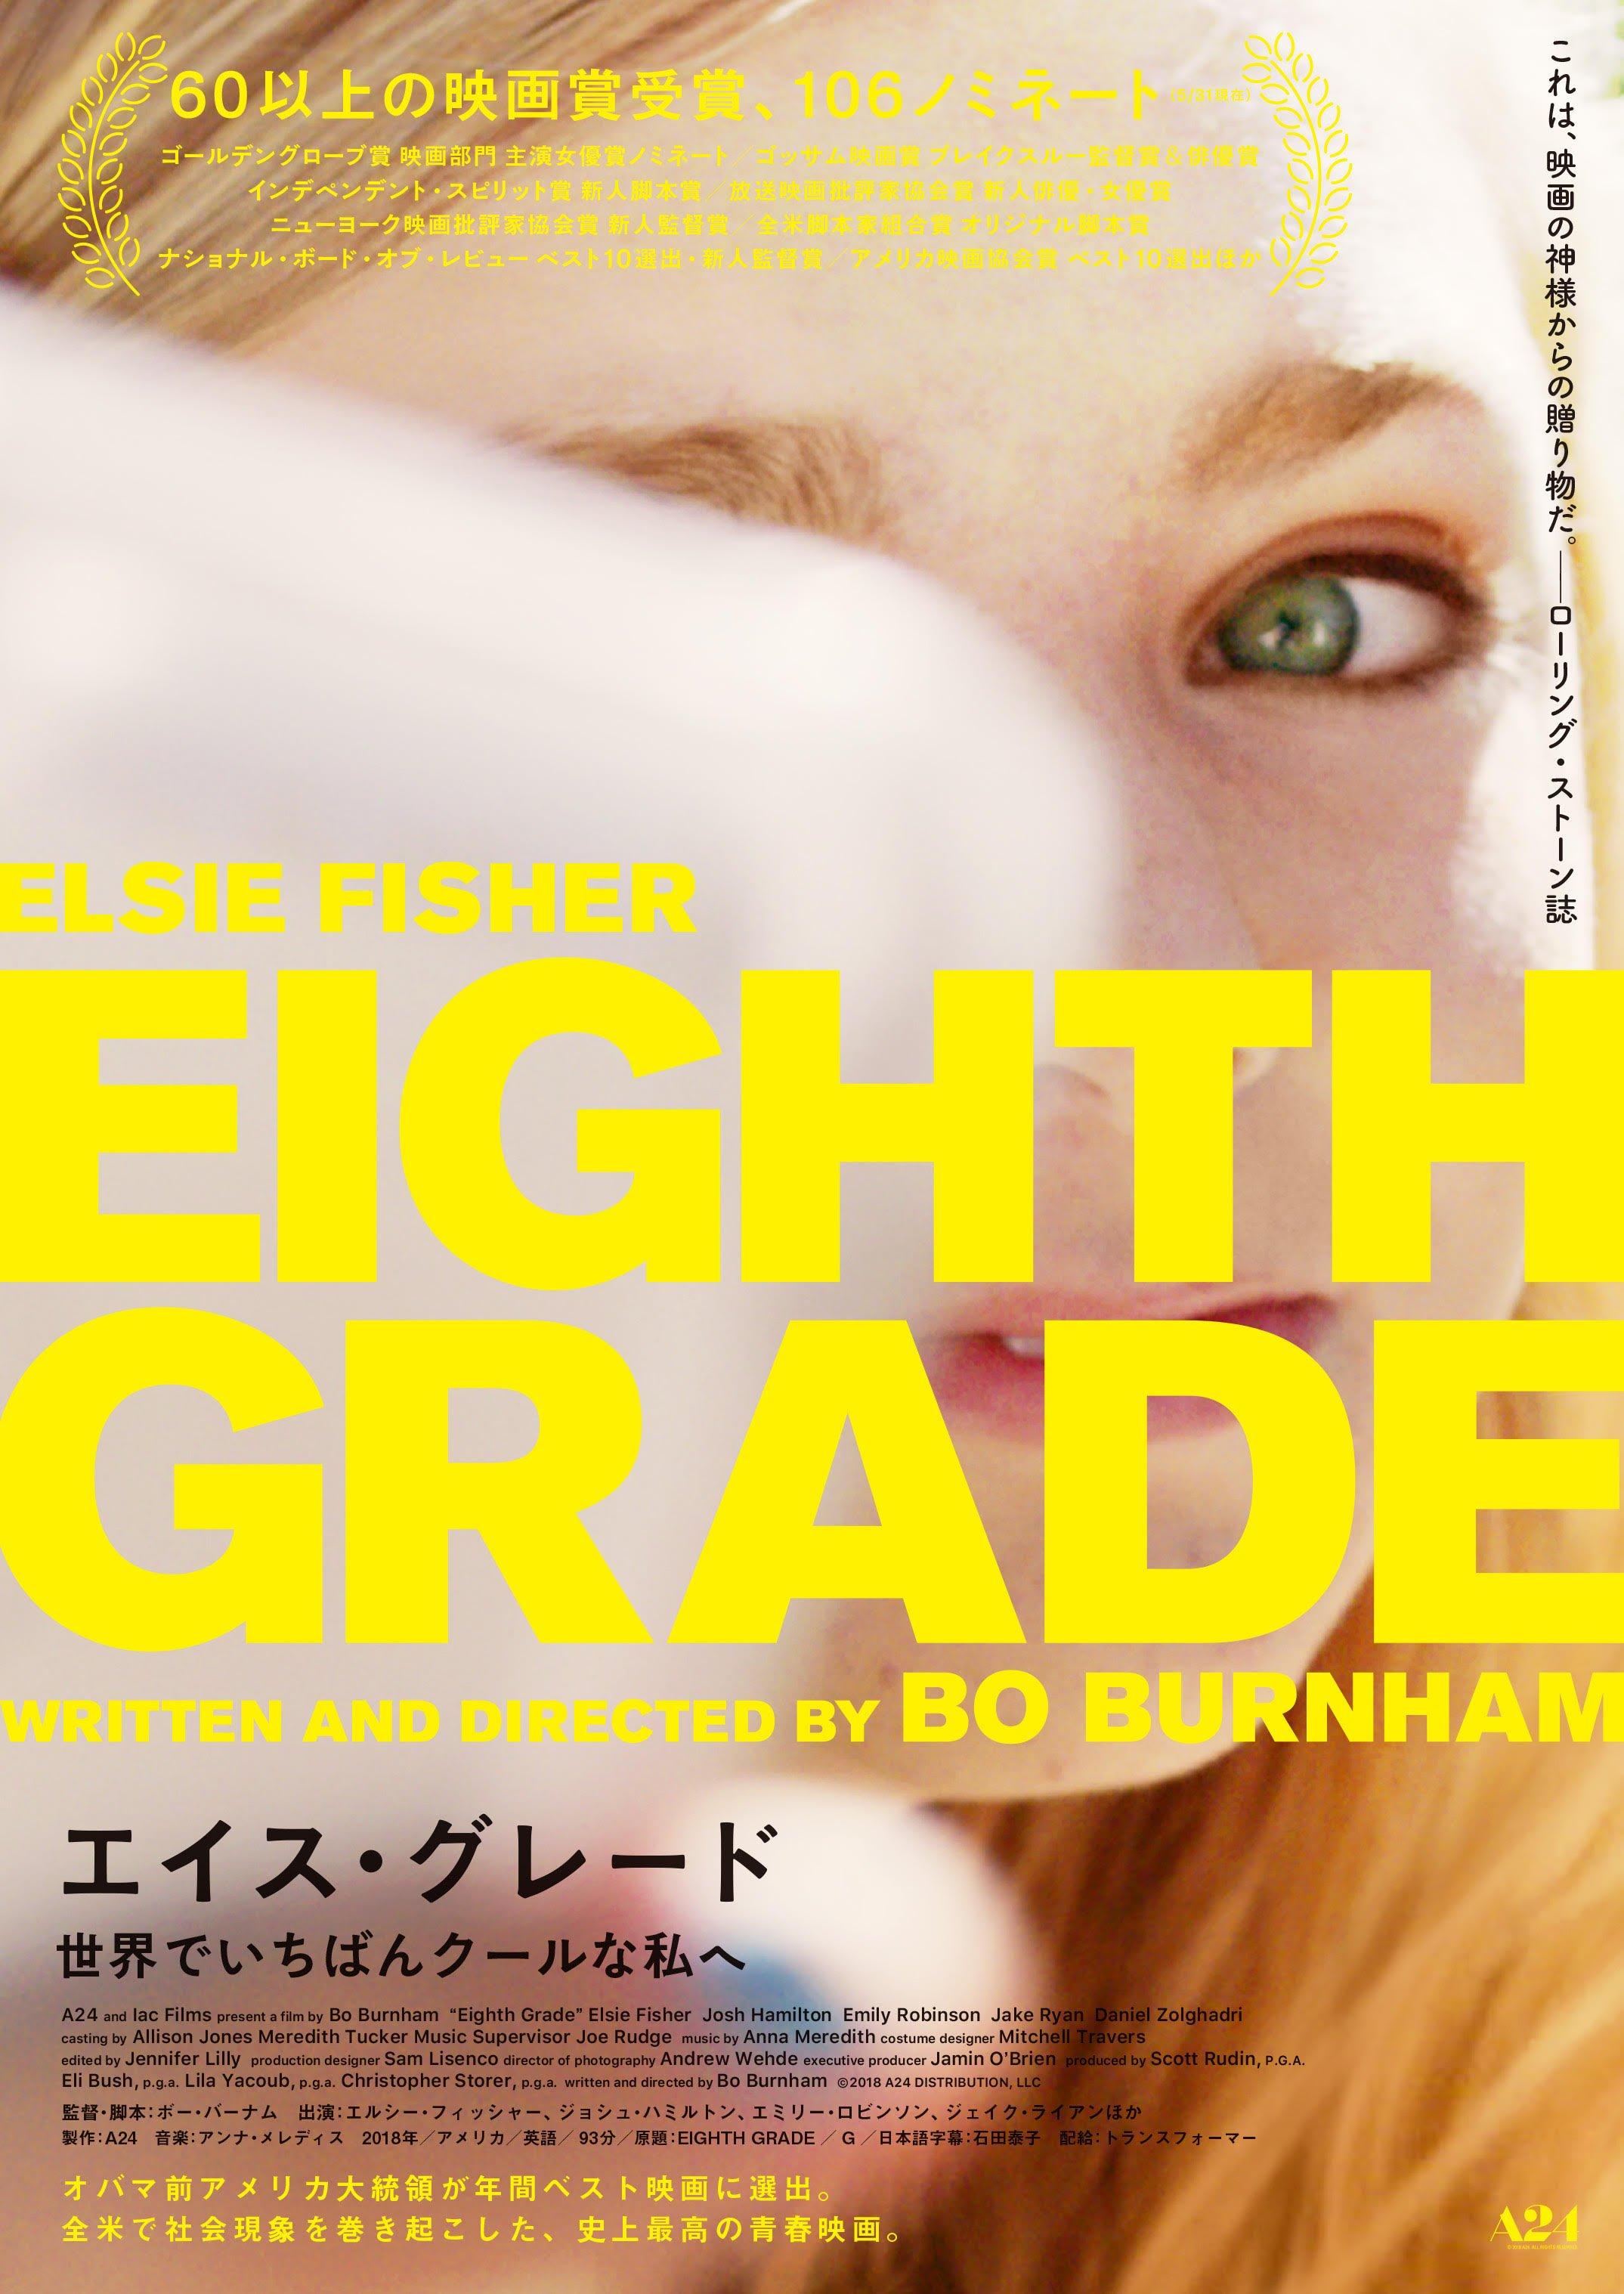 A24 映画 『エイス・グレード 世界でいちばんクールな私へ』